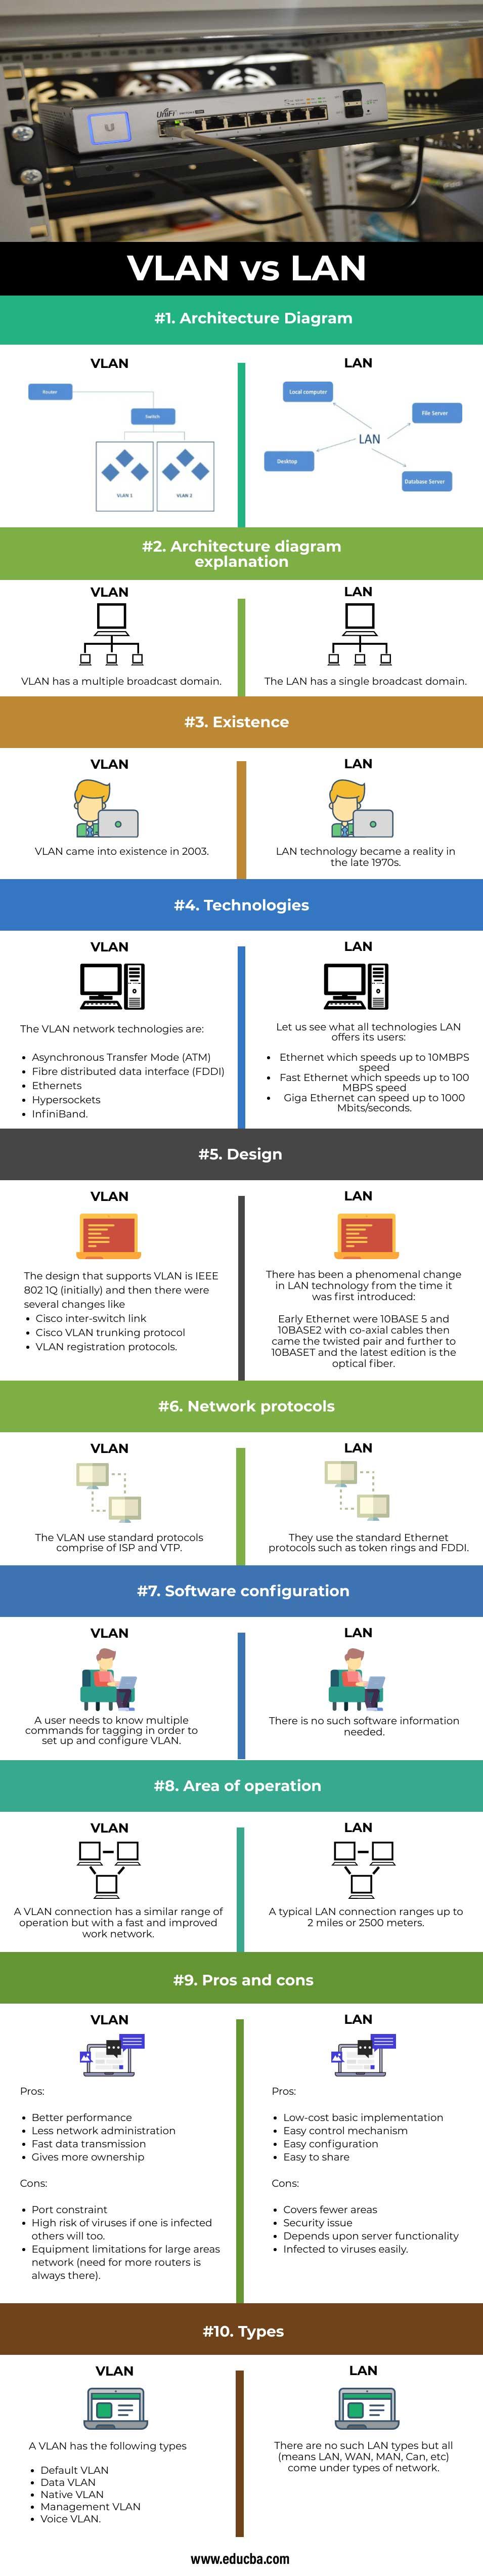 VLAN-vs-LAN-info